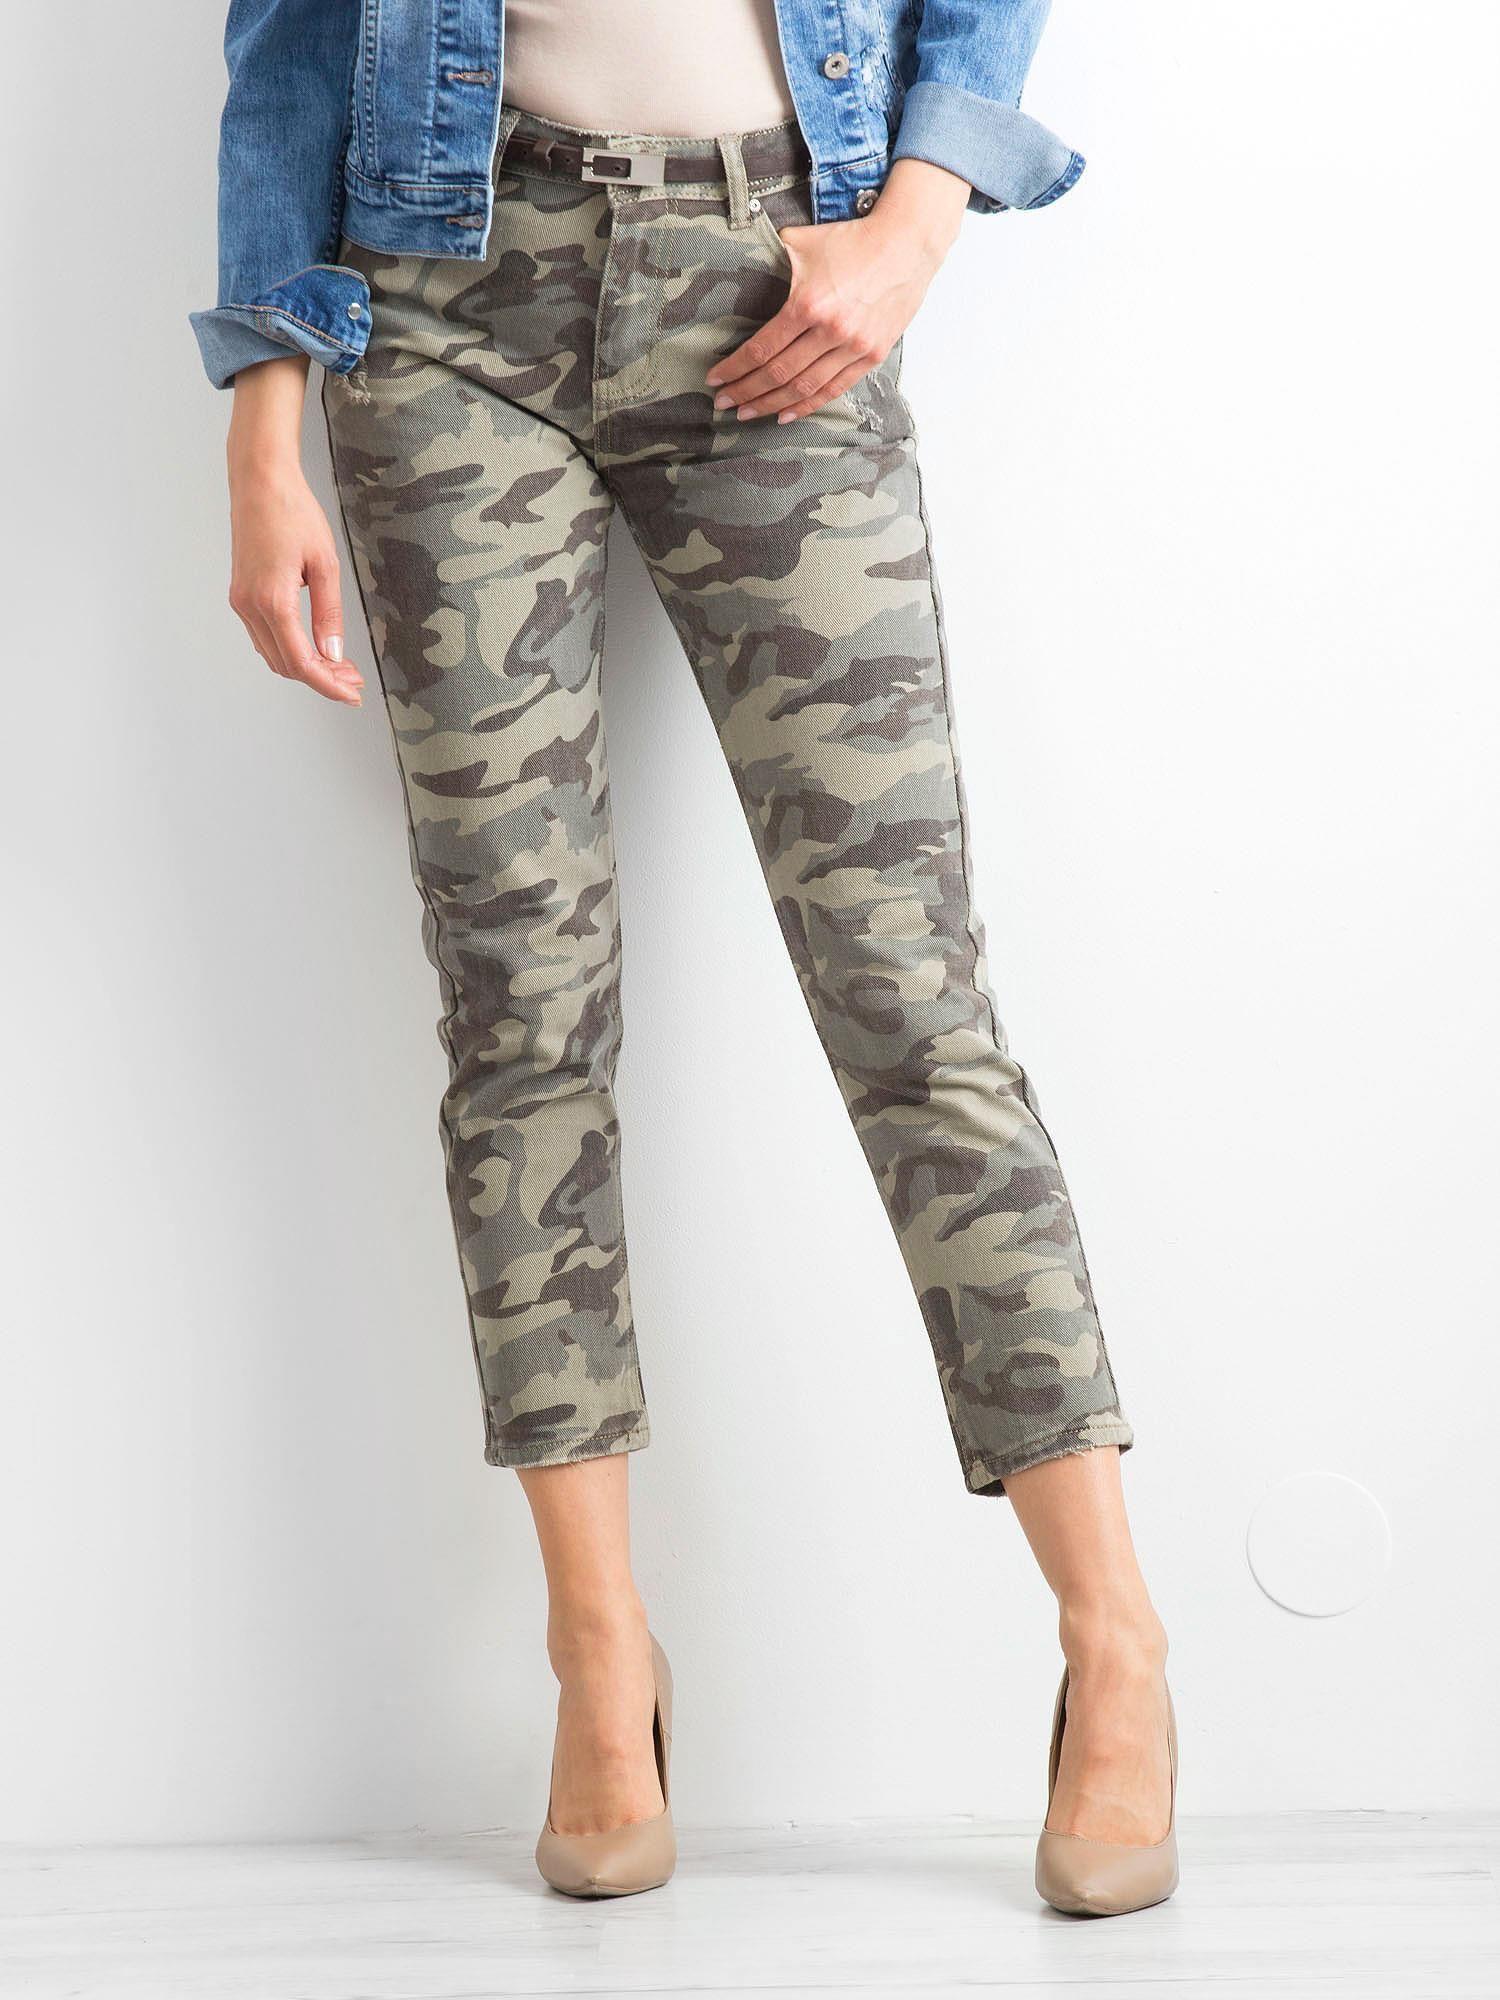 7b15f206c8a5d0 Khaki spodnie Moro - Spodnie jeansowe - sklep eButik.pl